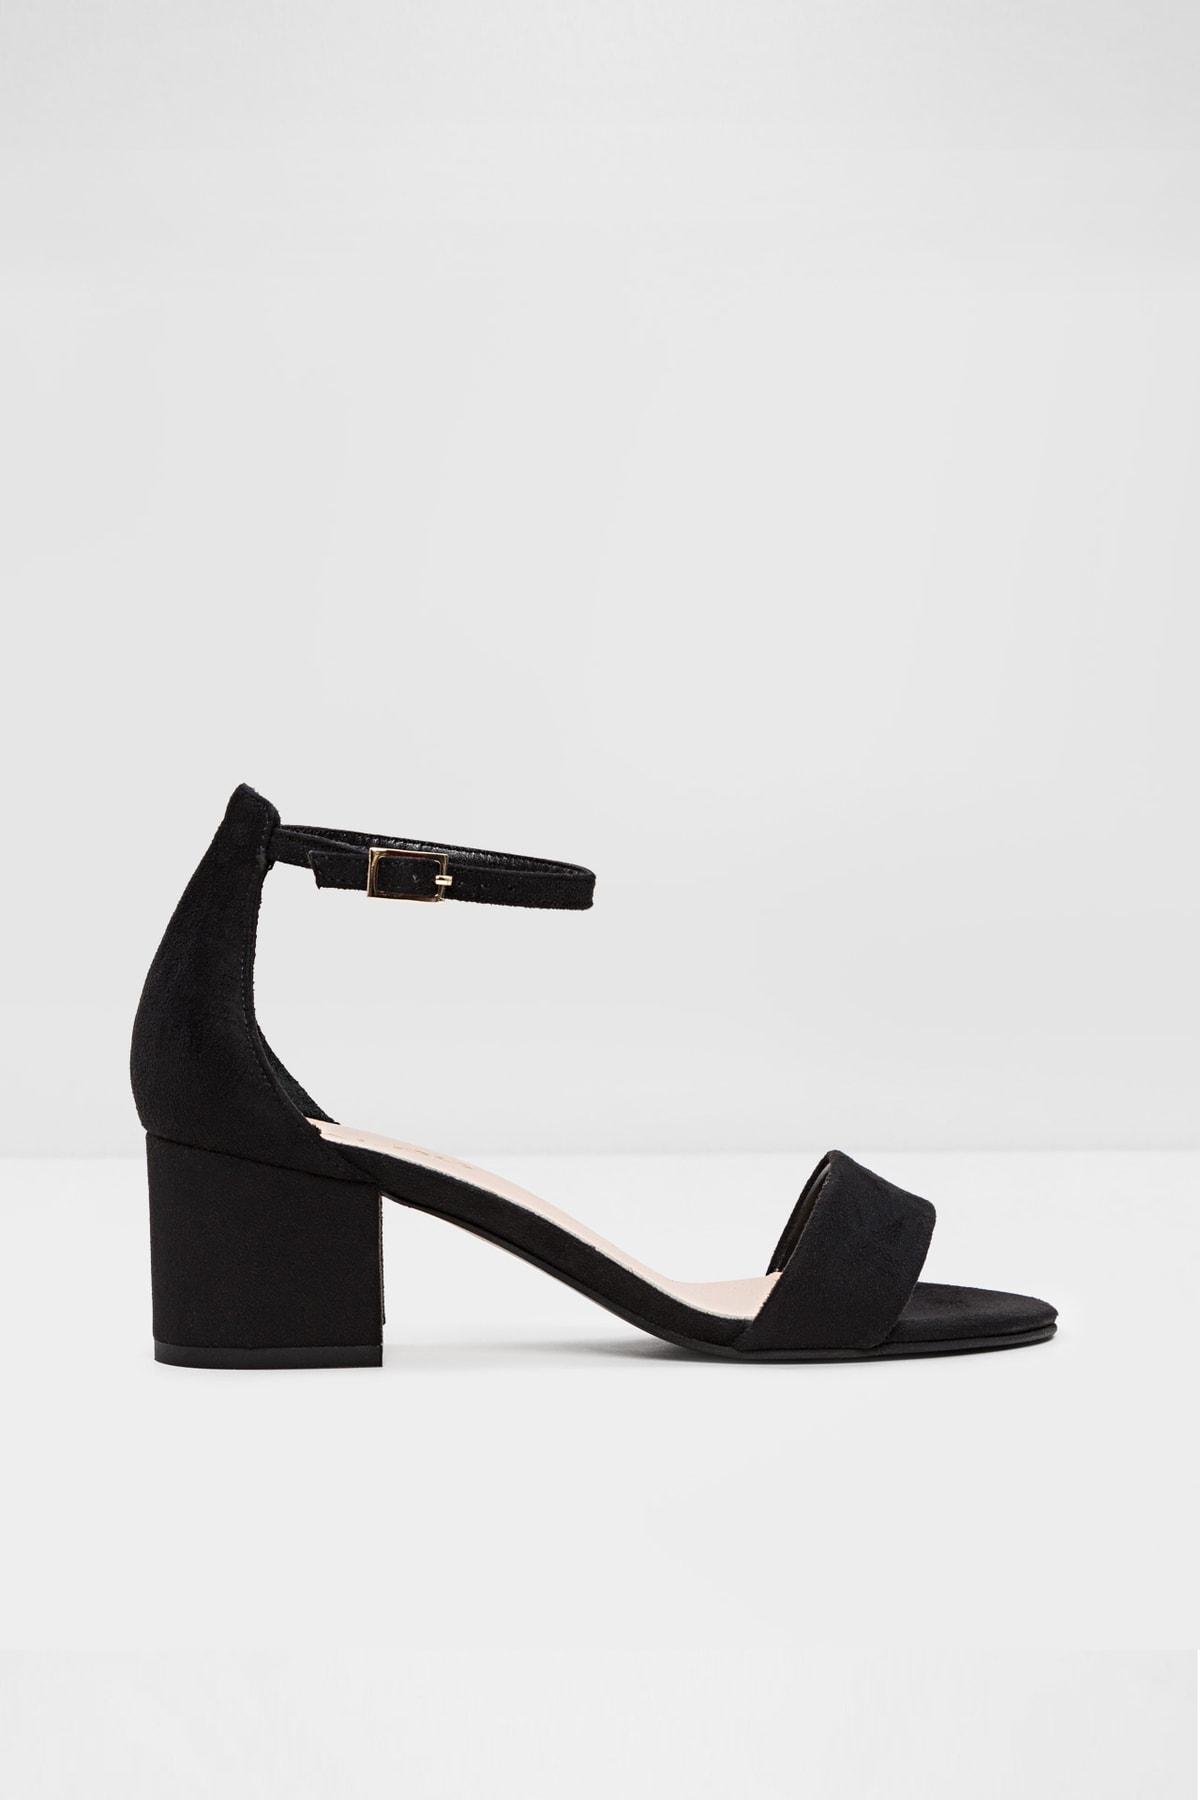 Vıllarosa-tr - Siyah Kadın Topuklu Sandalet